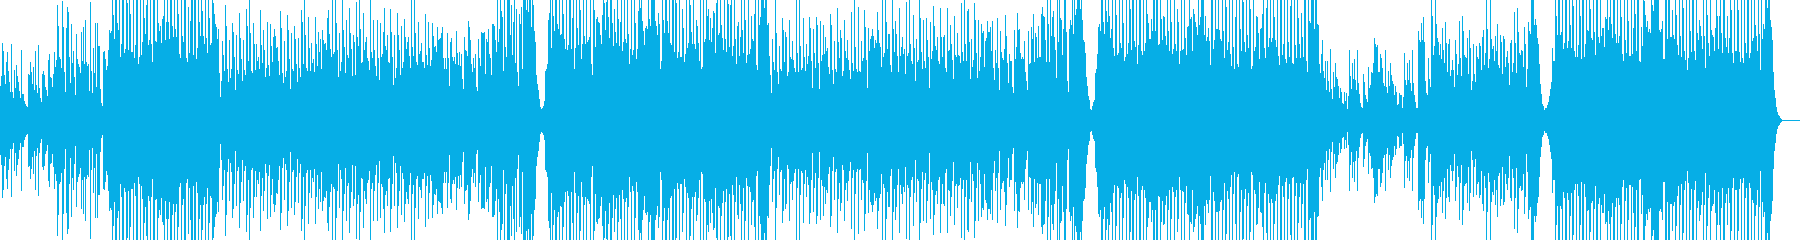 ピアノが美しい切ないダンス系な曲の再生済みの波形